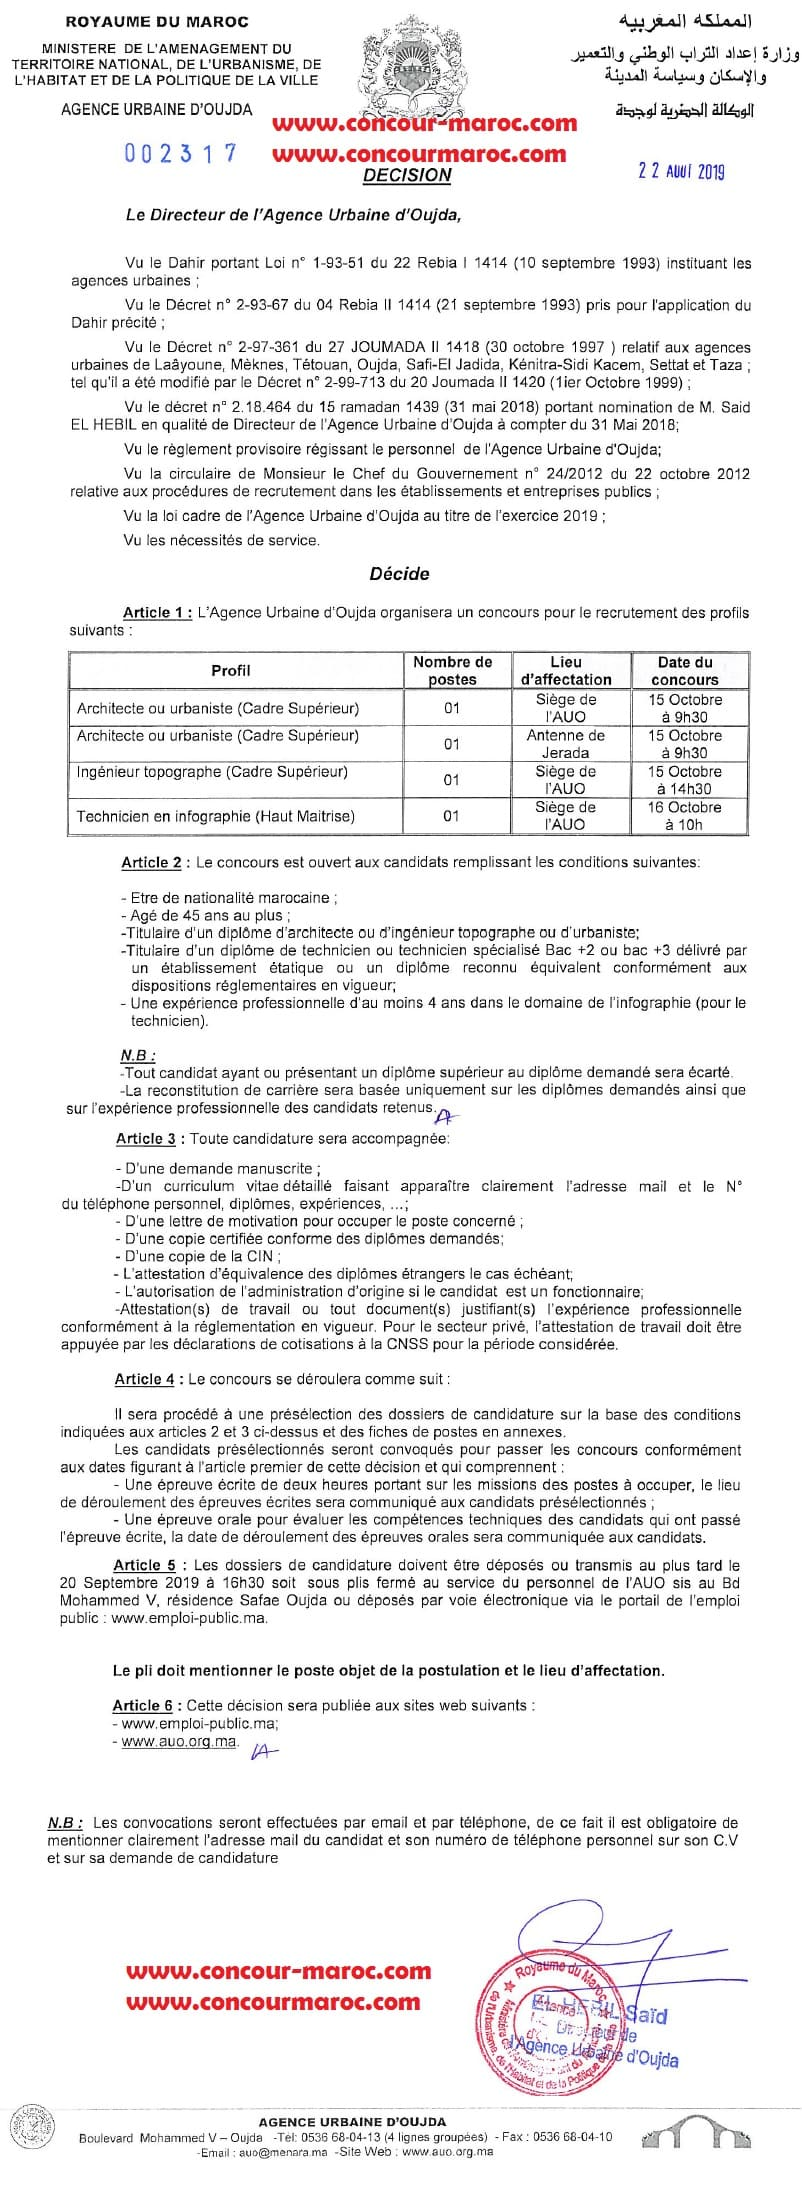 الوكالة الحضرية لوجدة : مباراة لتوظيف 4 مناصب في عدة درجات و تخصصات اخر اجل 20 شتنبر 2019 Aiaao_47